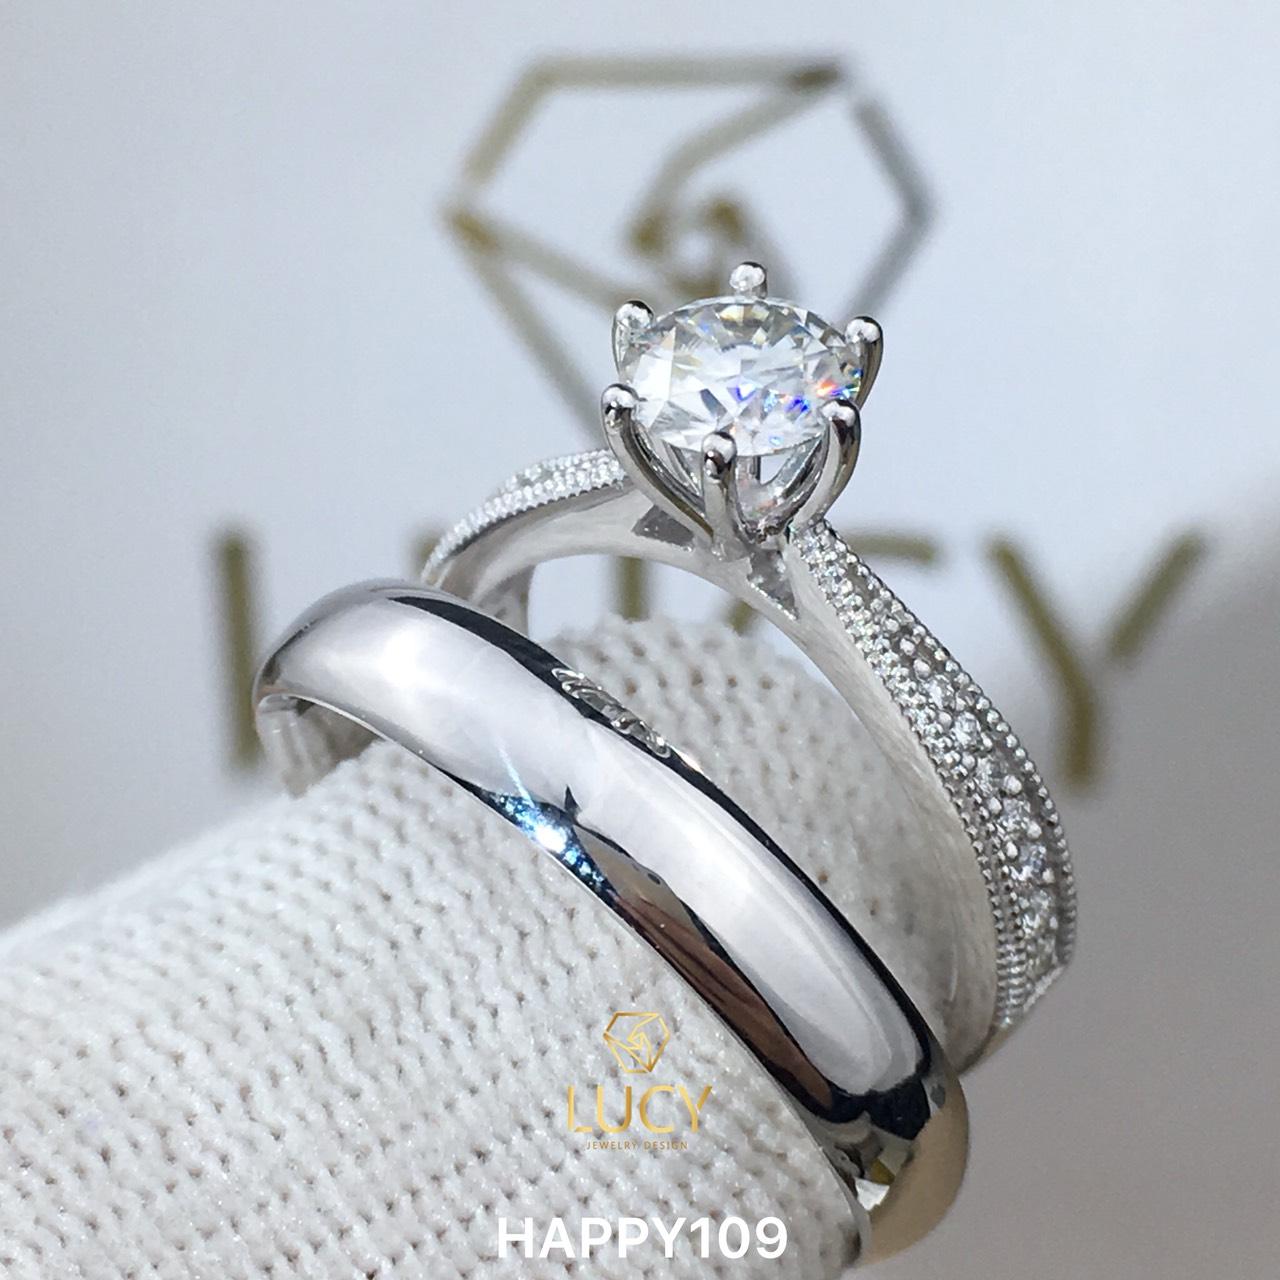 HAPPY109 Nhẫn cưới thiết kế, nhẫn cưới đẹp - Lucy Jewelry